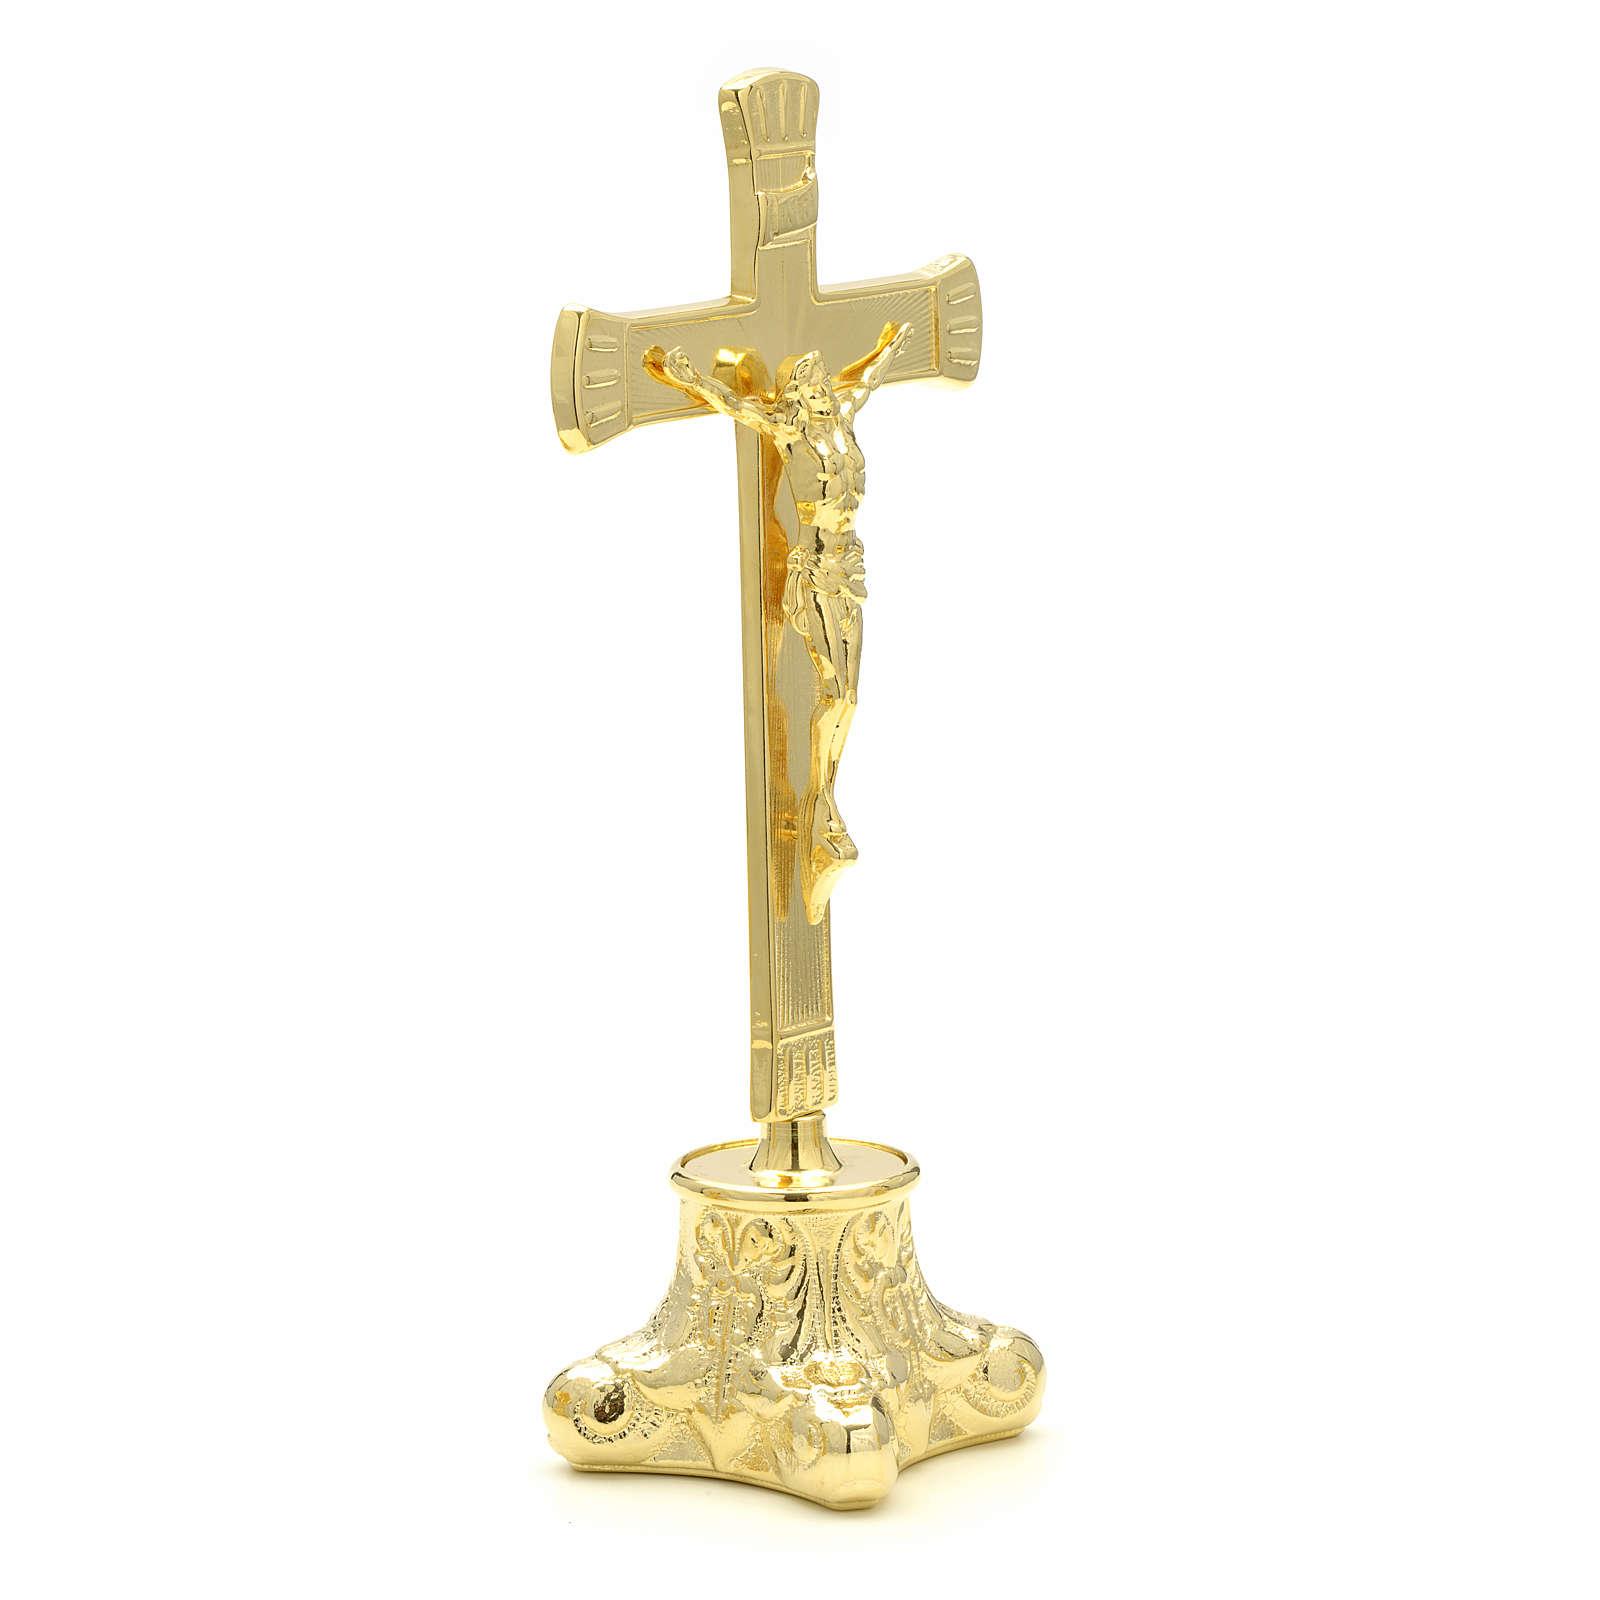 Completo para altar 3 pz de latón 4